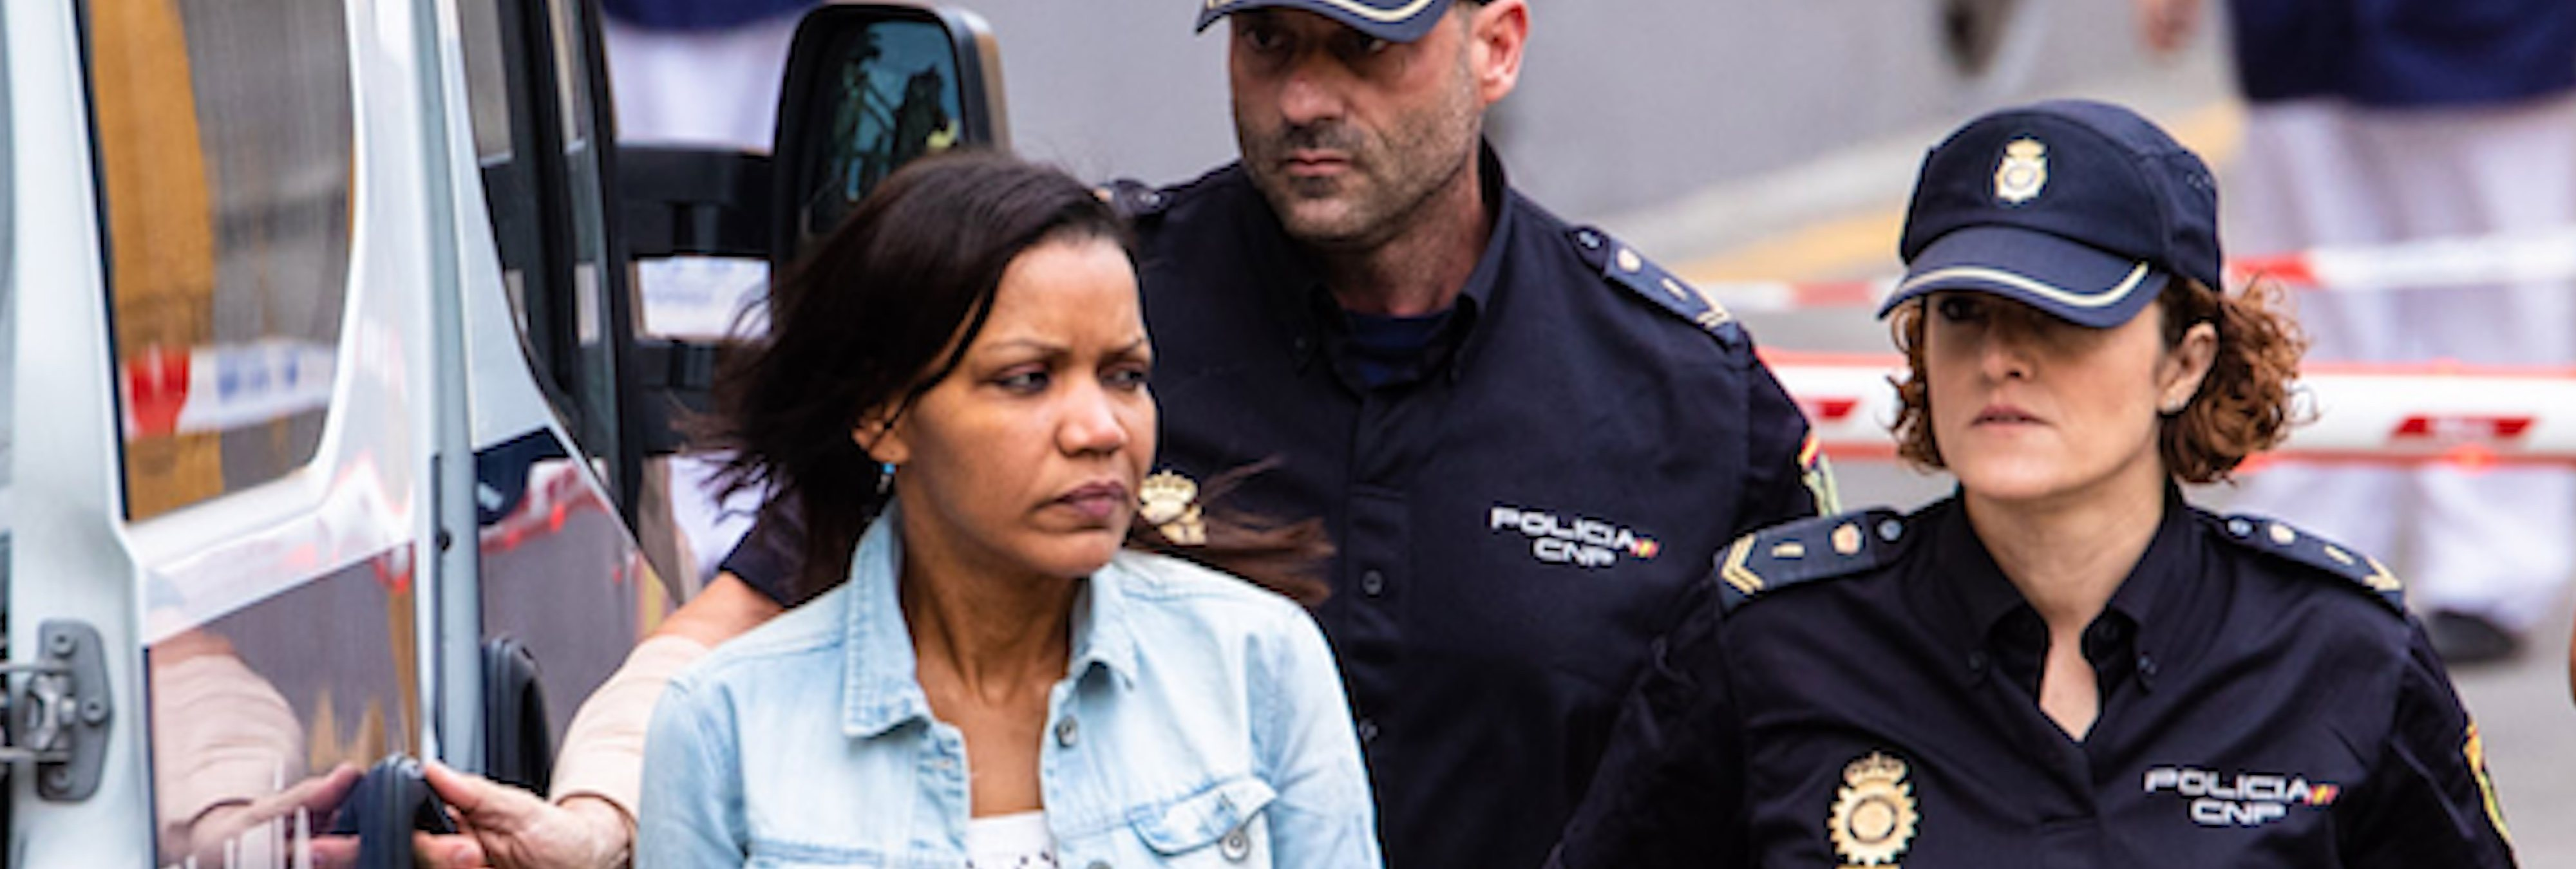 Un agente relata el estado en el que encontró a Gabriel Cruz en el maletero de Ana Julia